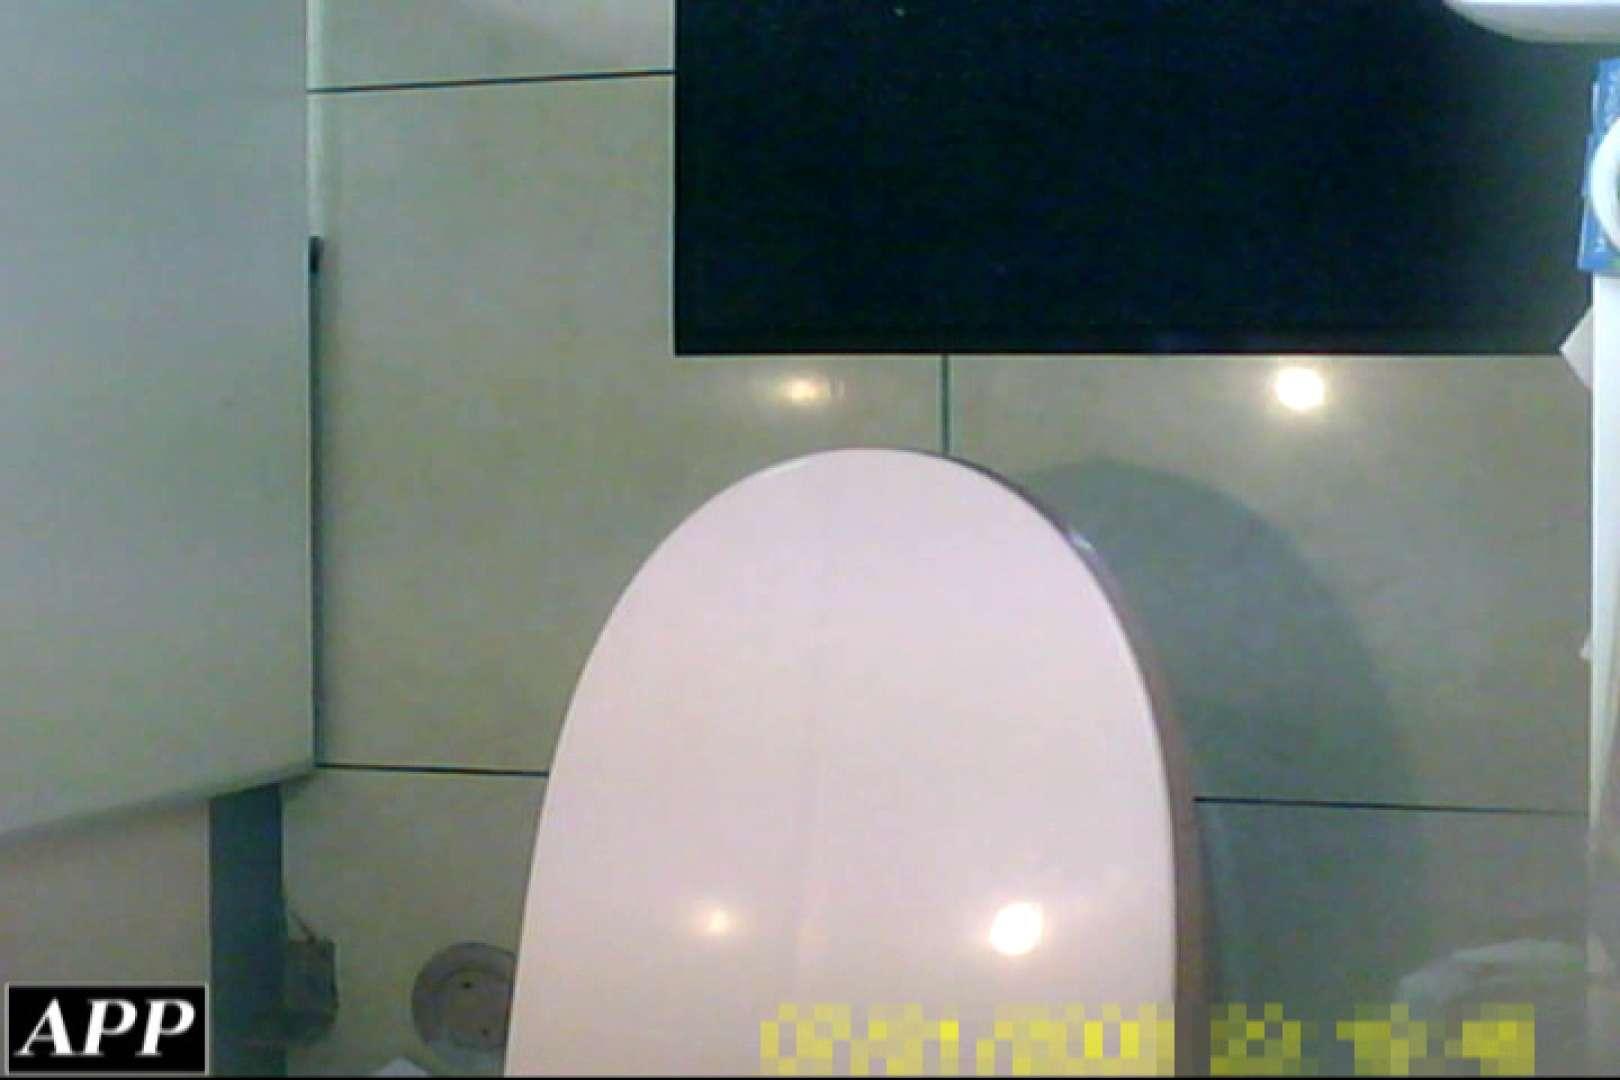 3視点洗面所 vol.73 モロだしオマンコ | 盗撮師作品  80pic 67